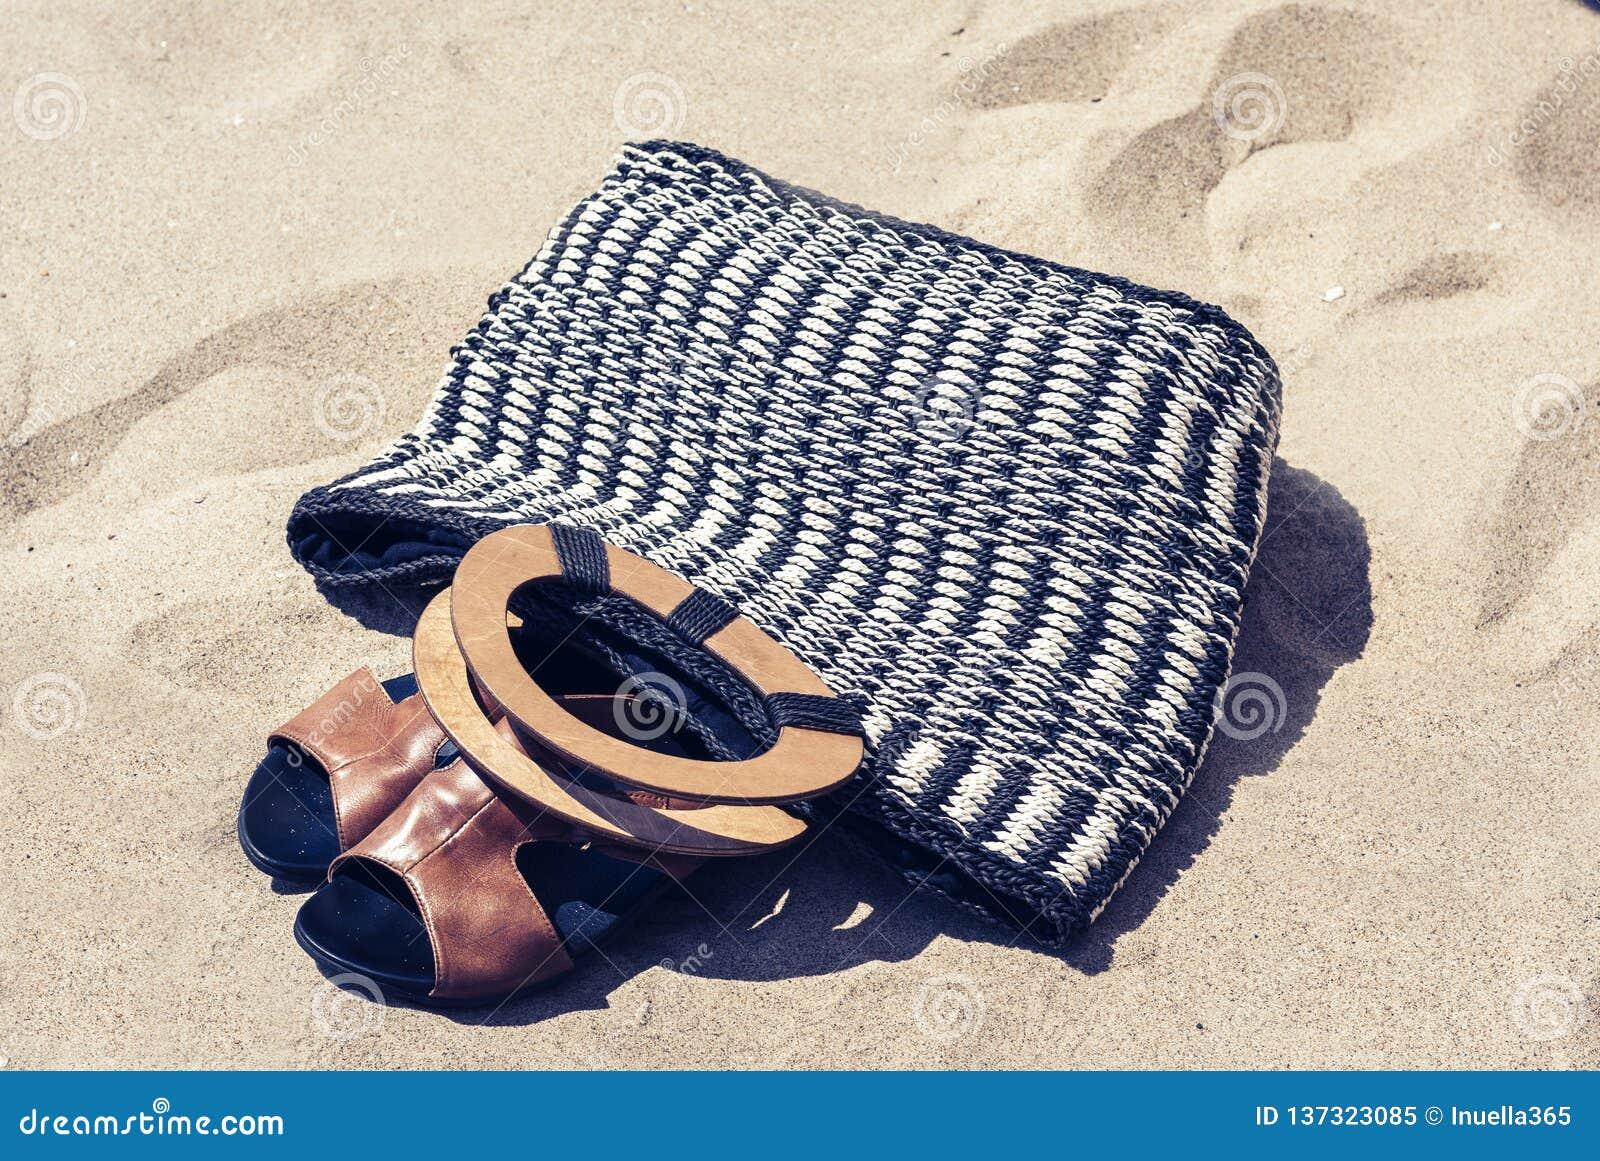 Sac Plage D'été Sur Cru En Cuir Osier Paille Et De Sandales QtdshrC